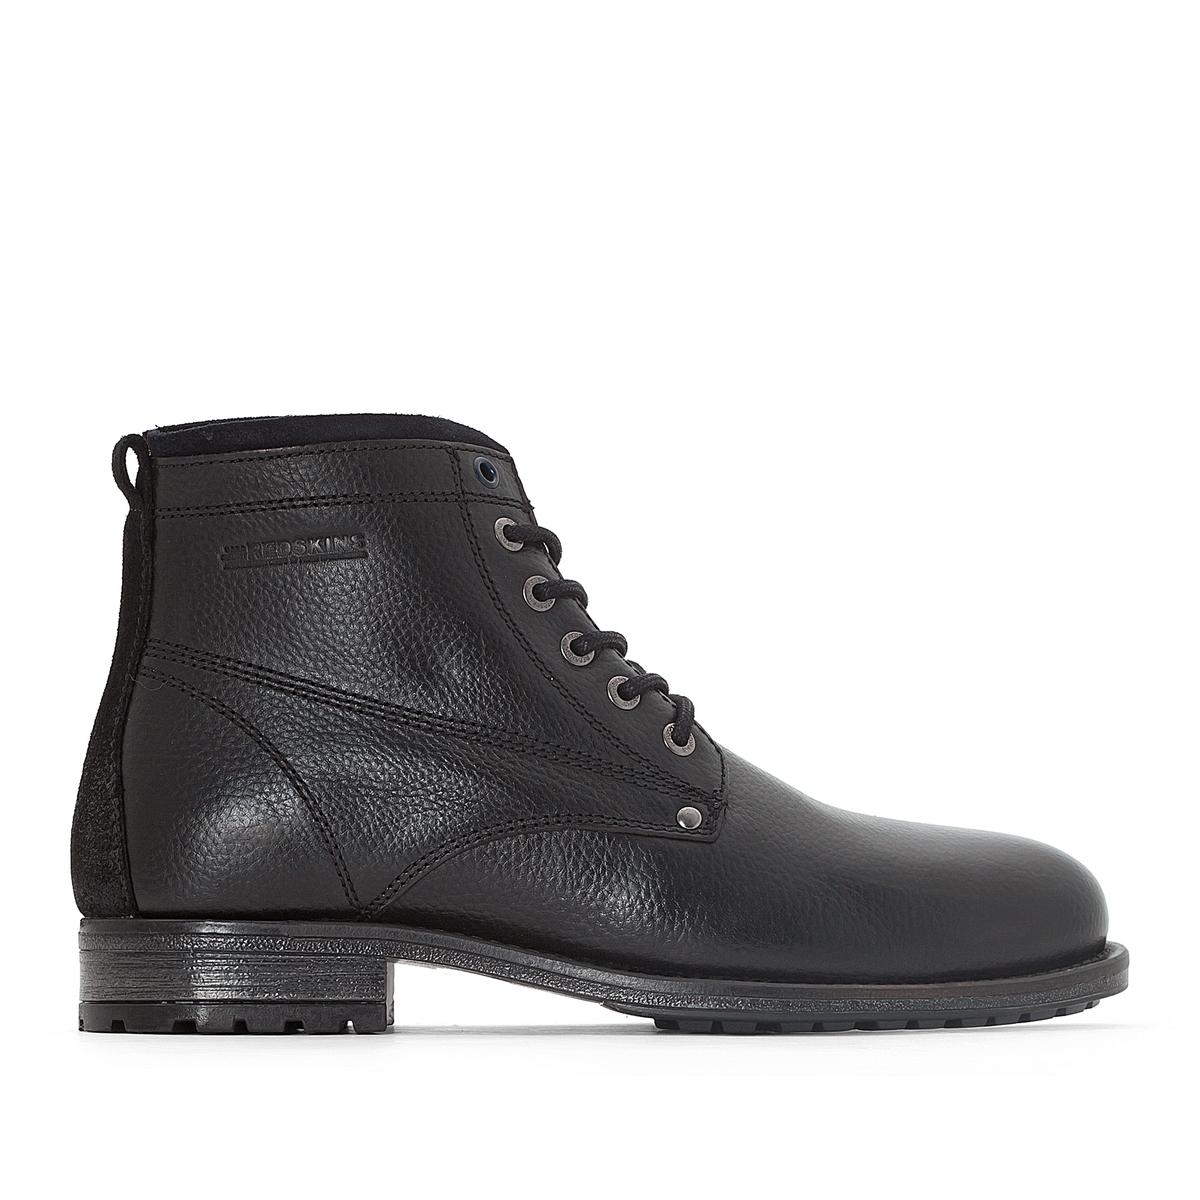 Ботильоны кожаные FAROUCHEДетали  •  Высота каблука : 2 см.  •  Застежка : на молнию •  Круглый мысок •  Гладкая отделкаСостав и уход  •  Верх 100% кожа •  Подкладка 50% кожи, 50% текстиля •  Стелька 100% кожа<br><br>Цвет: черный + темно-синий